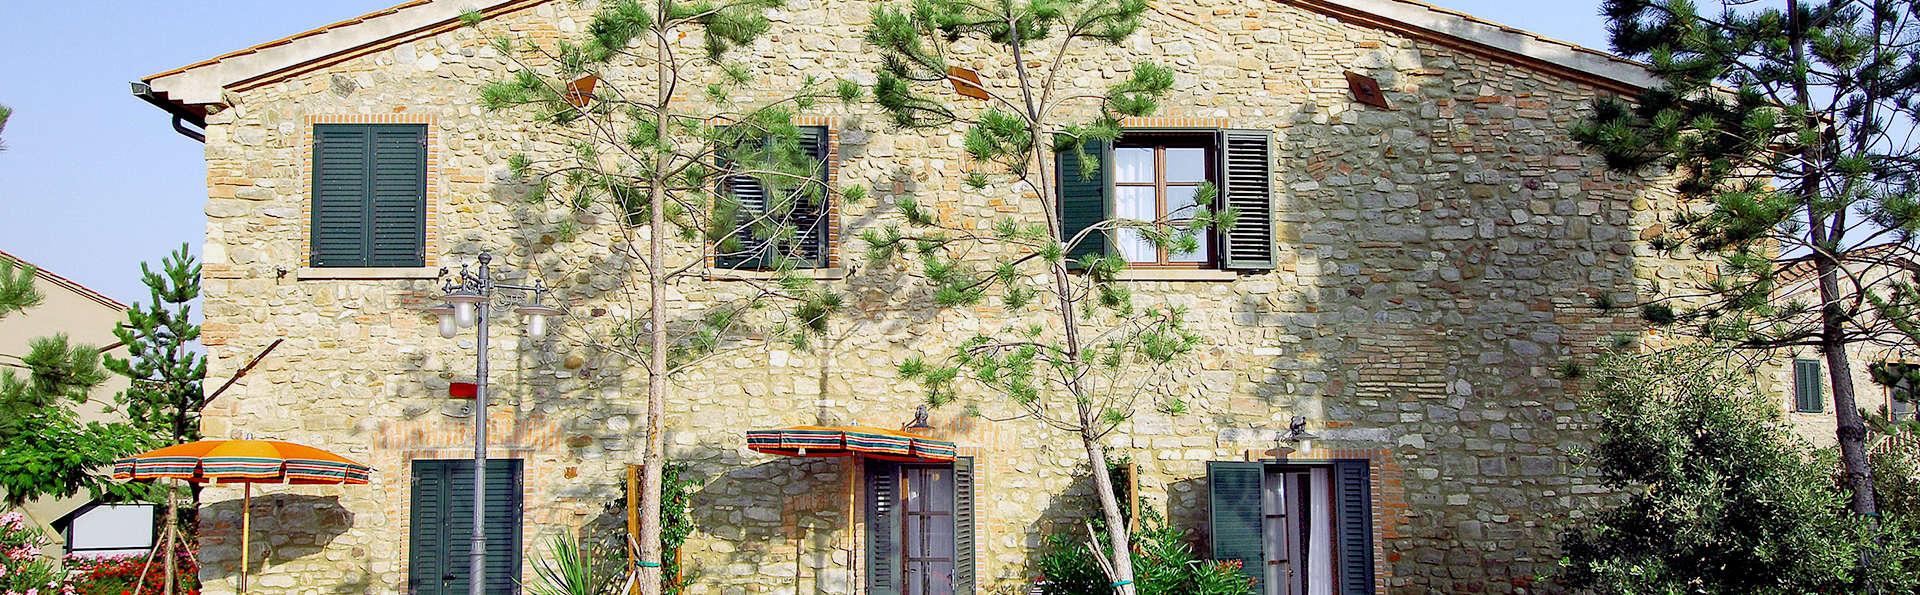 Hotel Fattoria Belvedere - Edit_Front3.jpg